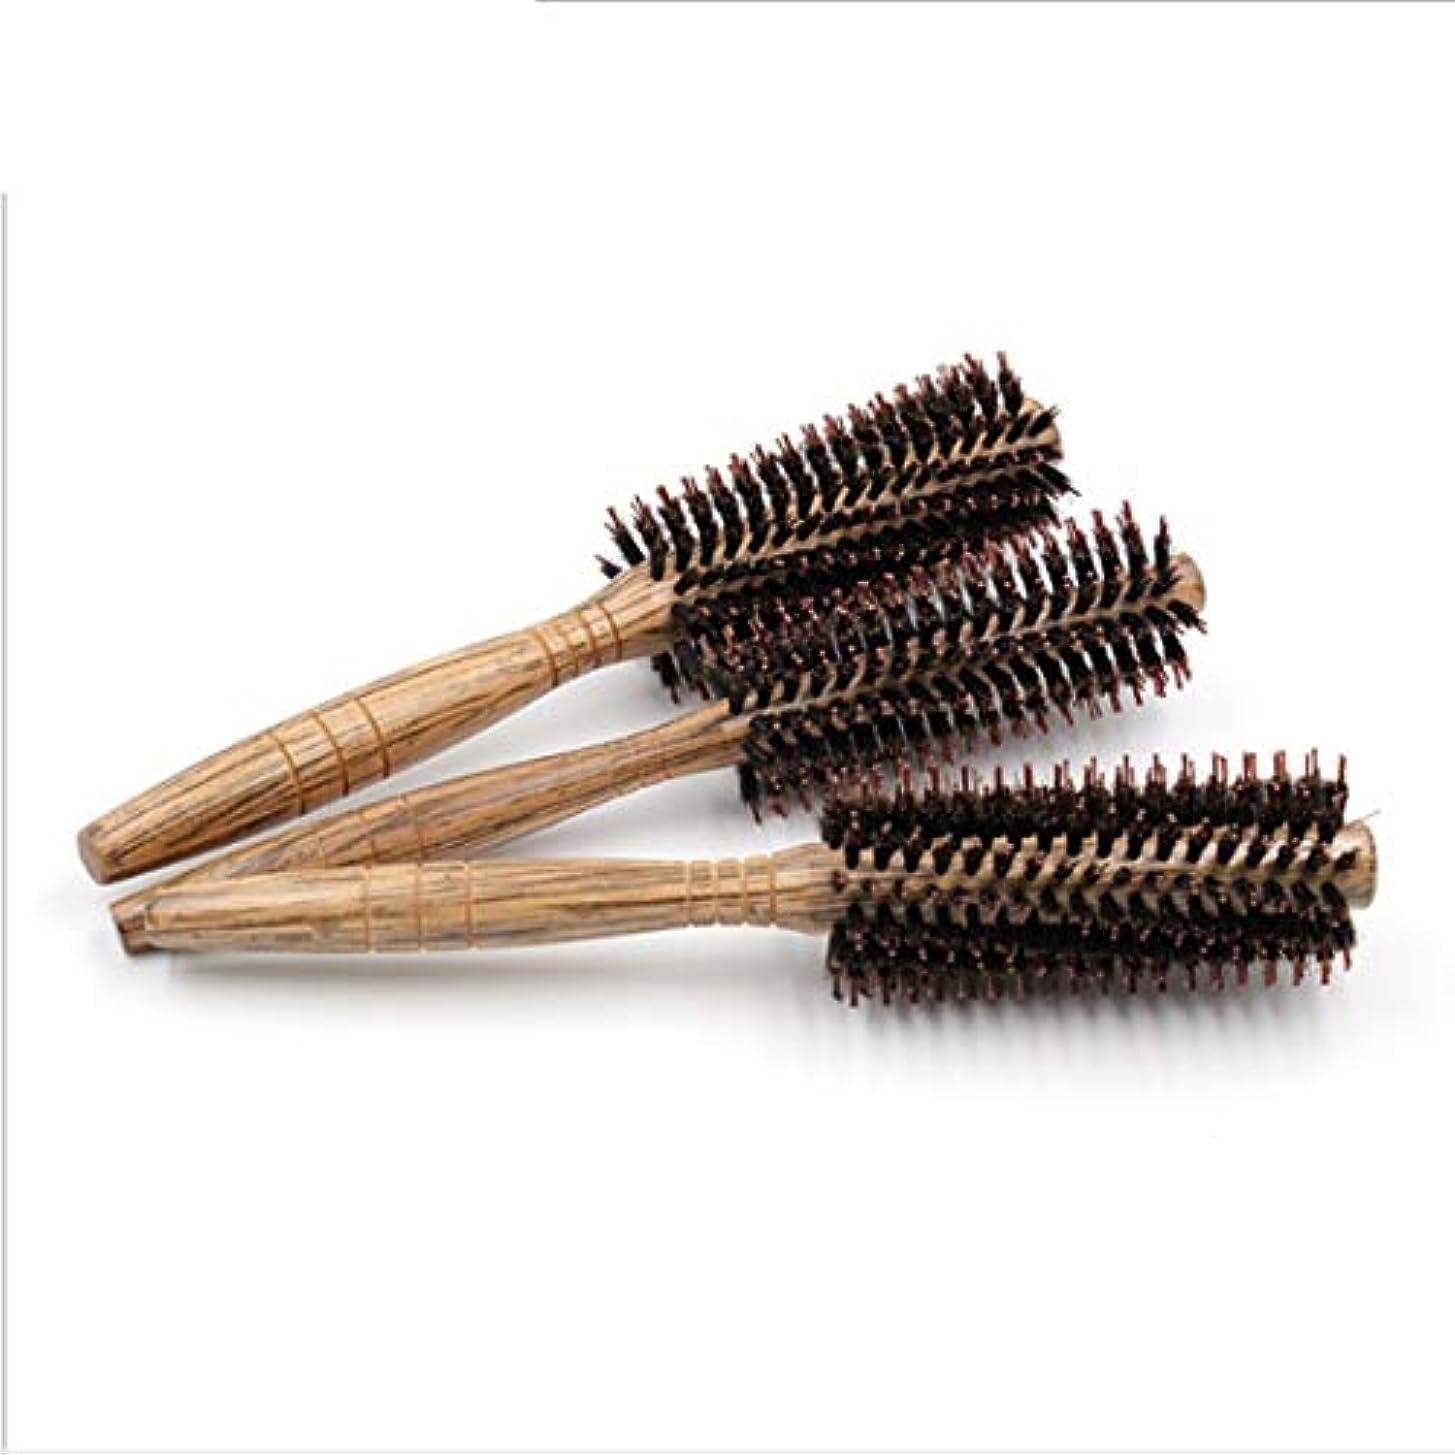 ニコチン特定の四半期女性のためのヘアブラシ大きい花のComb24cmの長さ - ヘアブラシの女性のカーリー&木製ハンドル付きストレートヘアの櫛 - スタイル、カール、そして乾いた髪にブロー乾燥しながら使用 モデリングツール (サイズ : S)